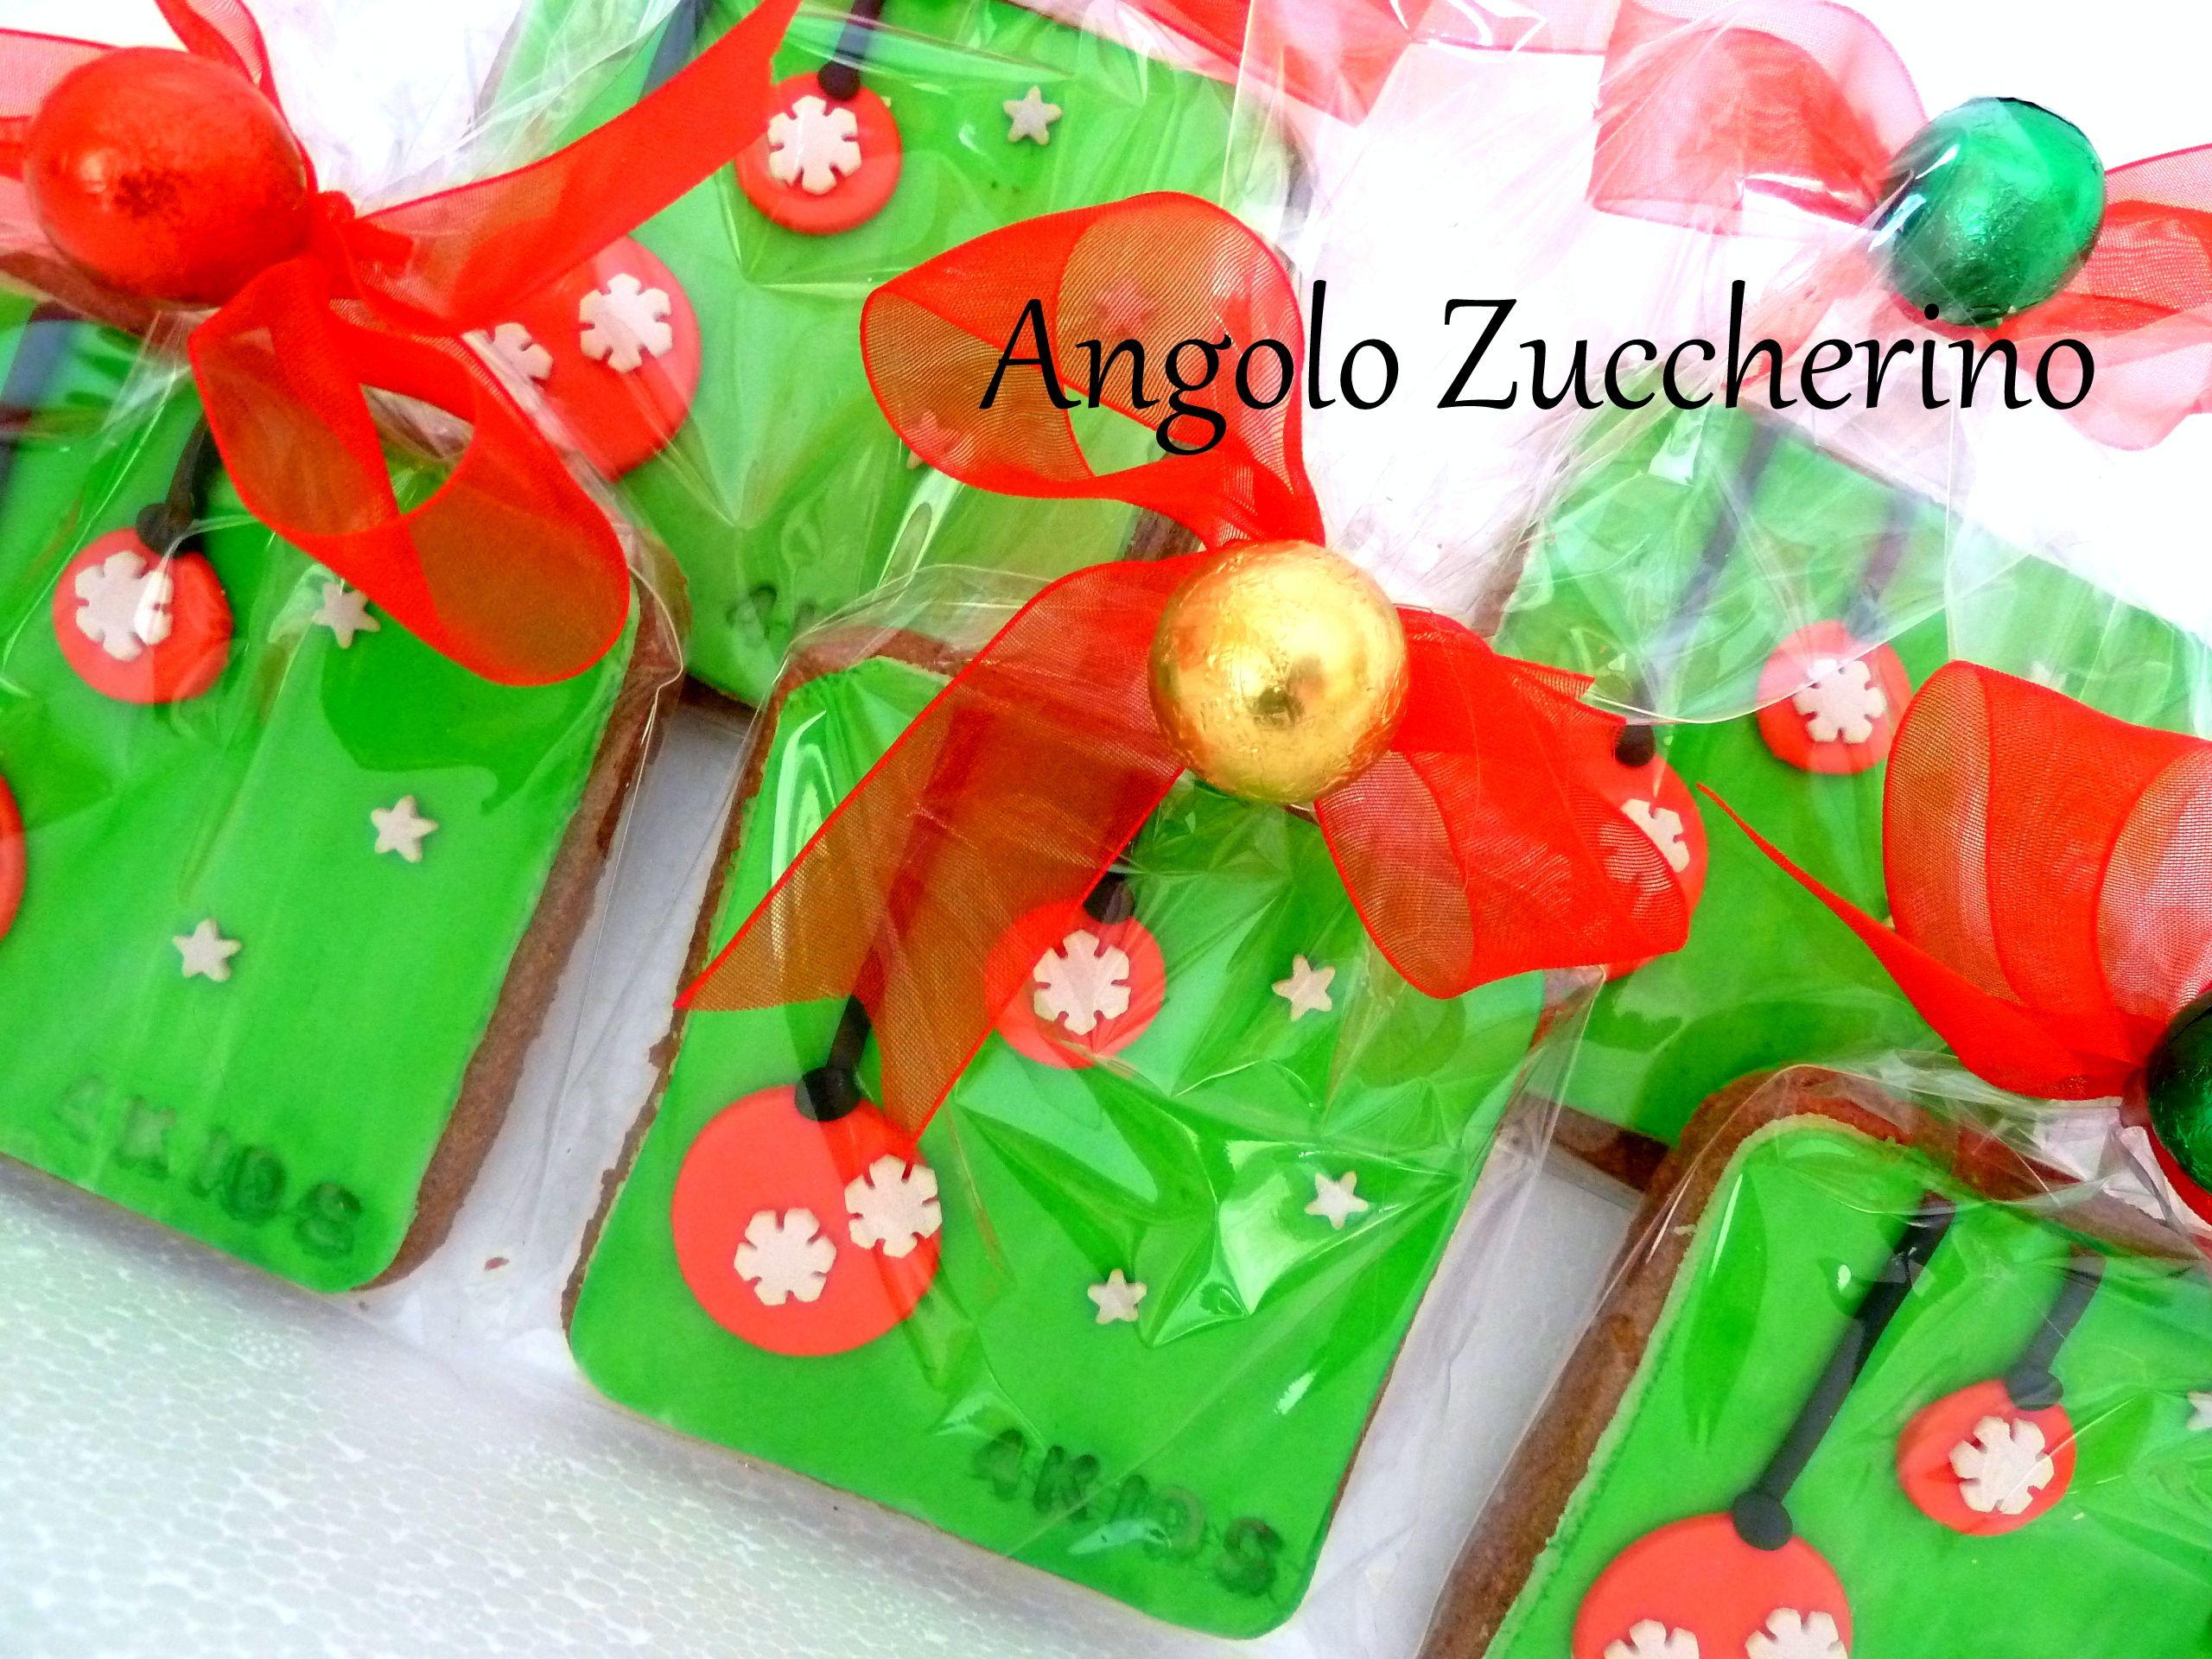 Biscotti decorati per Natale, idea regalo | Dolci idee ...